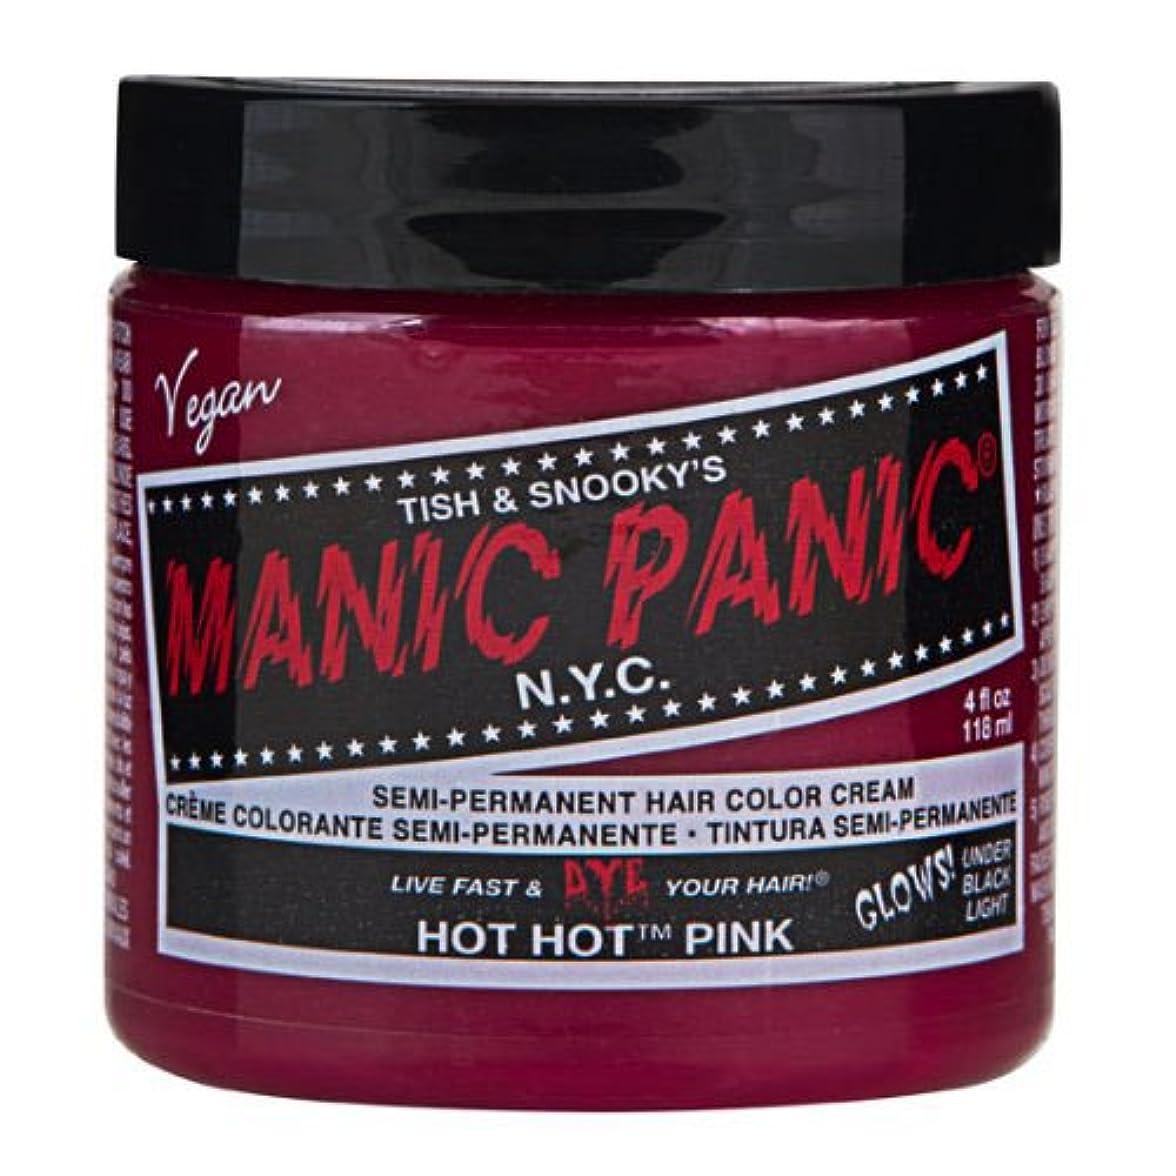 ドリンク是正モットーマニックパニック カラークリーム ホットホットピンク